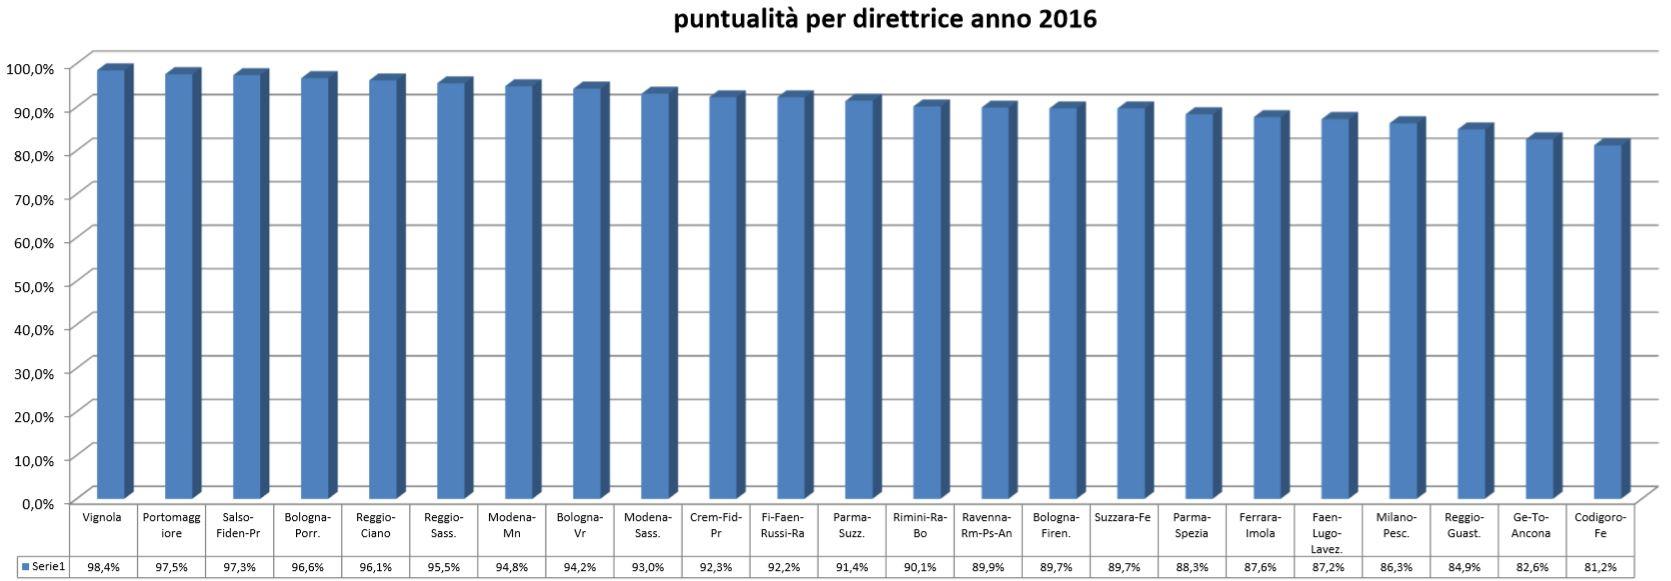 Percentuale di treni puntuali suddivisa per direttrice e riferita all'anno 2016 (aggiornamento a Settembre 2016). La FBV è in testa alla classifica della performance.